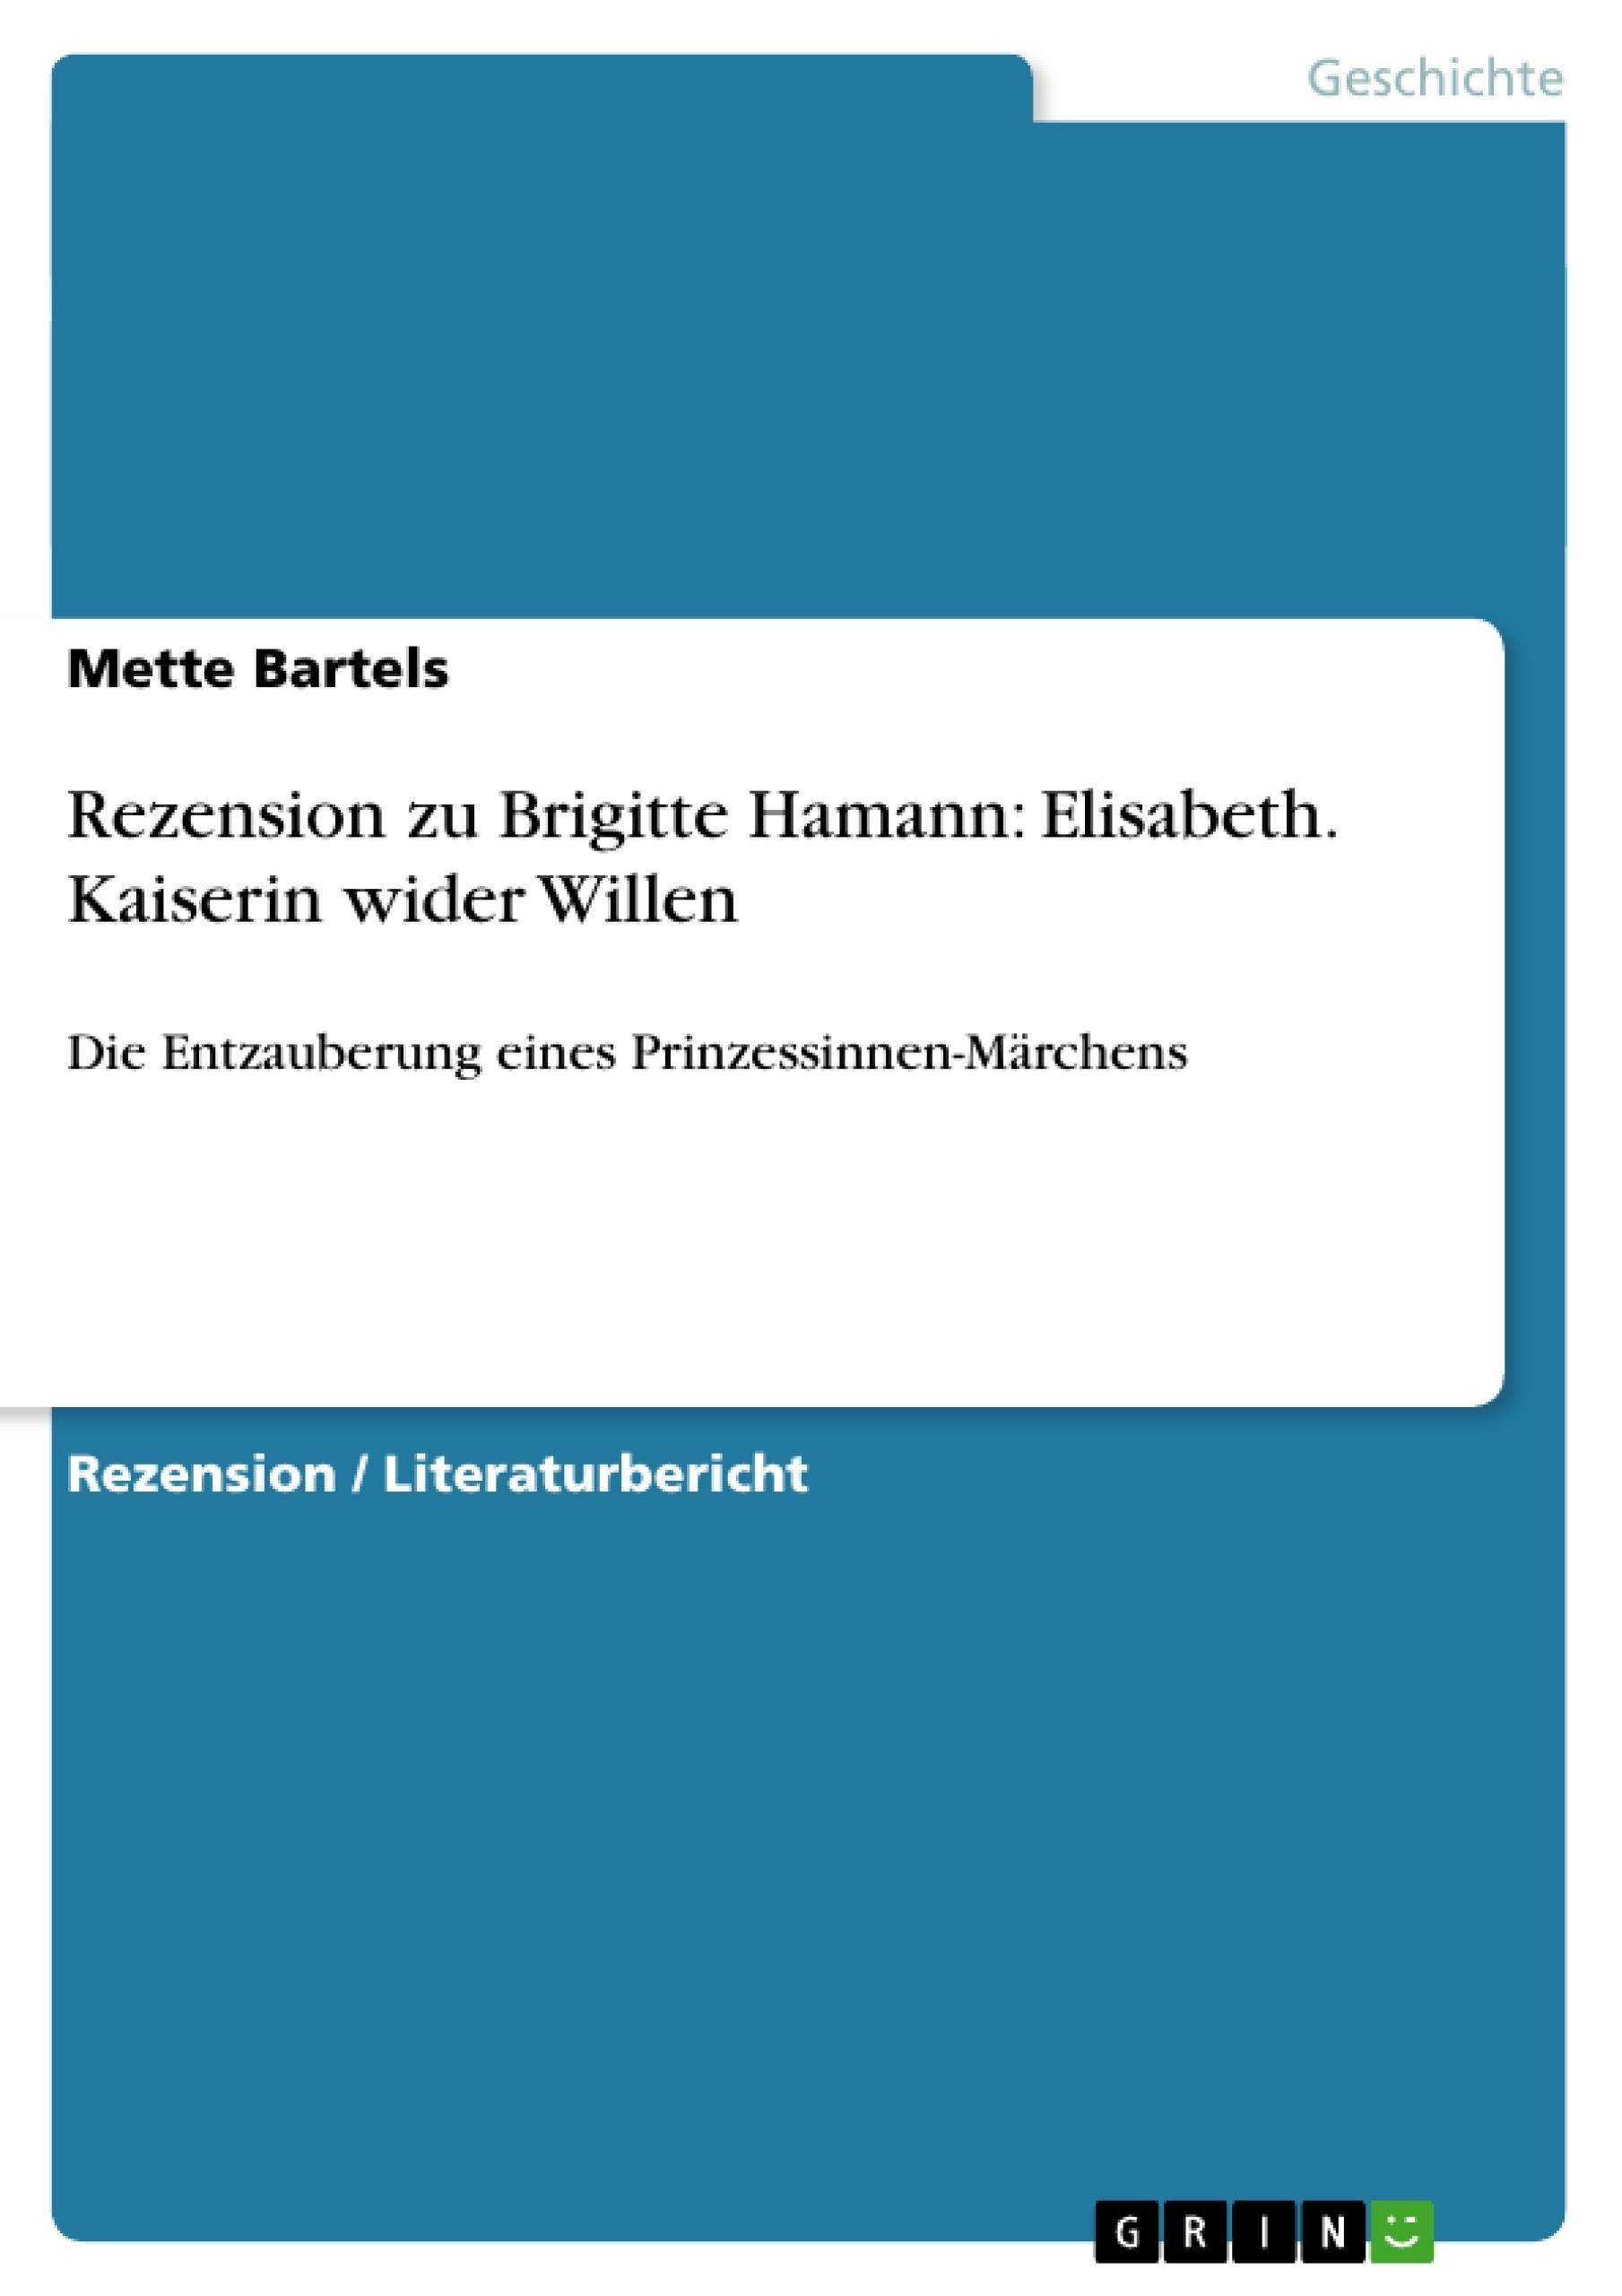 Titel: Rezension zu Brigitte Hamann: Elisabeth. Kaiserin wider Willen